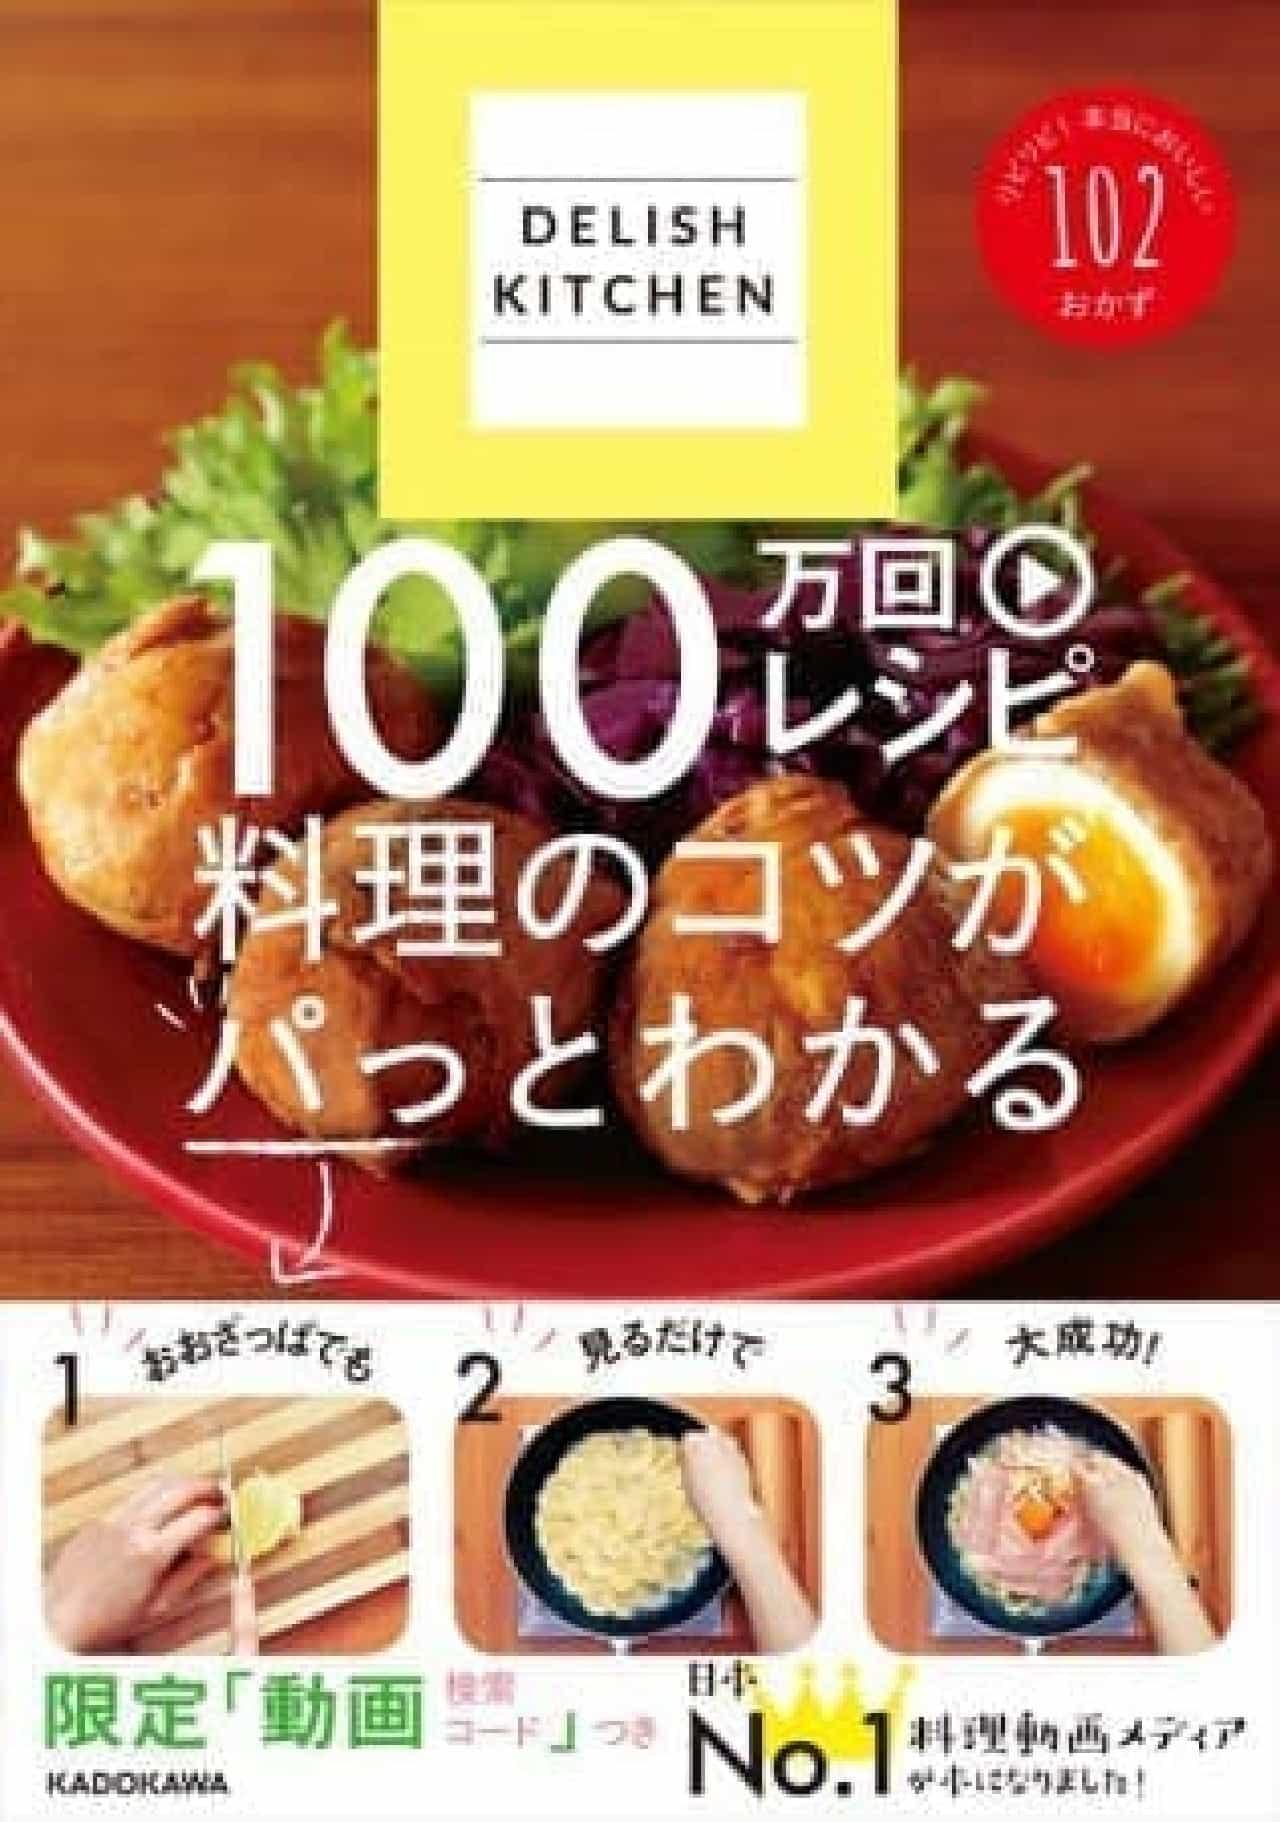 KADOKAWA「DELISH KITCHEN 100万回レシピ 料理のコツがパっとわかる」